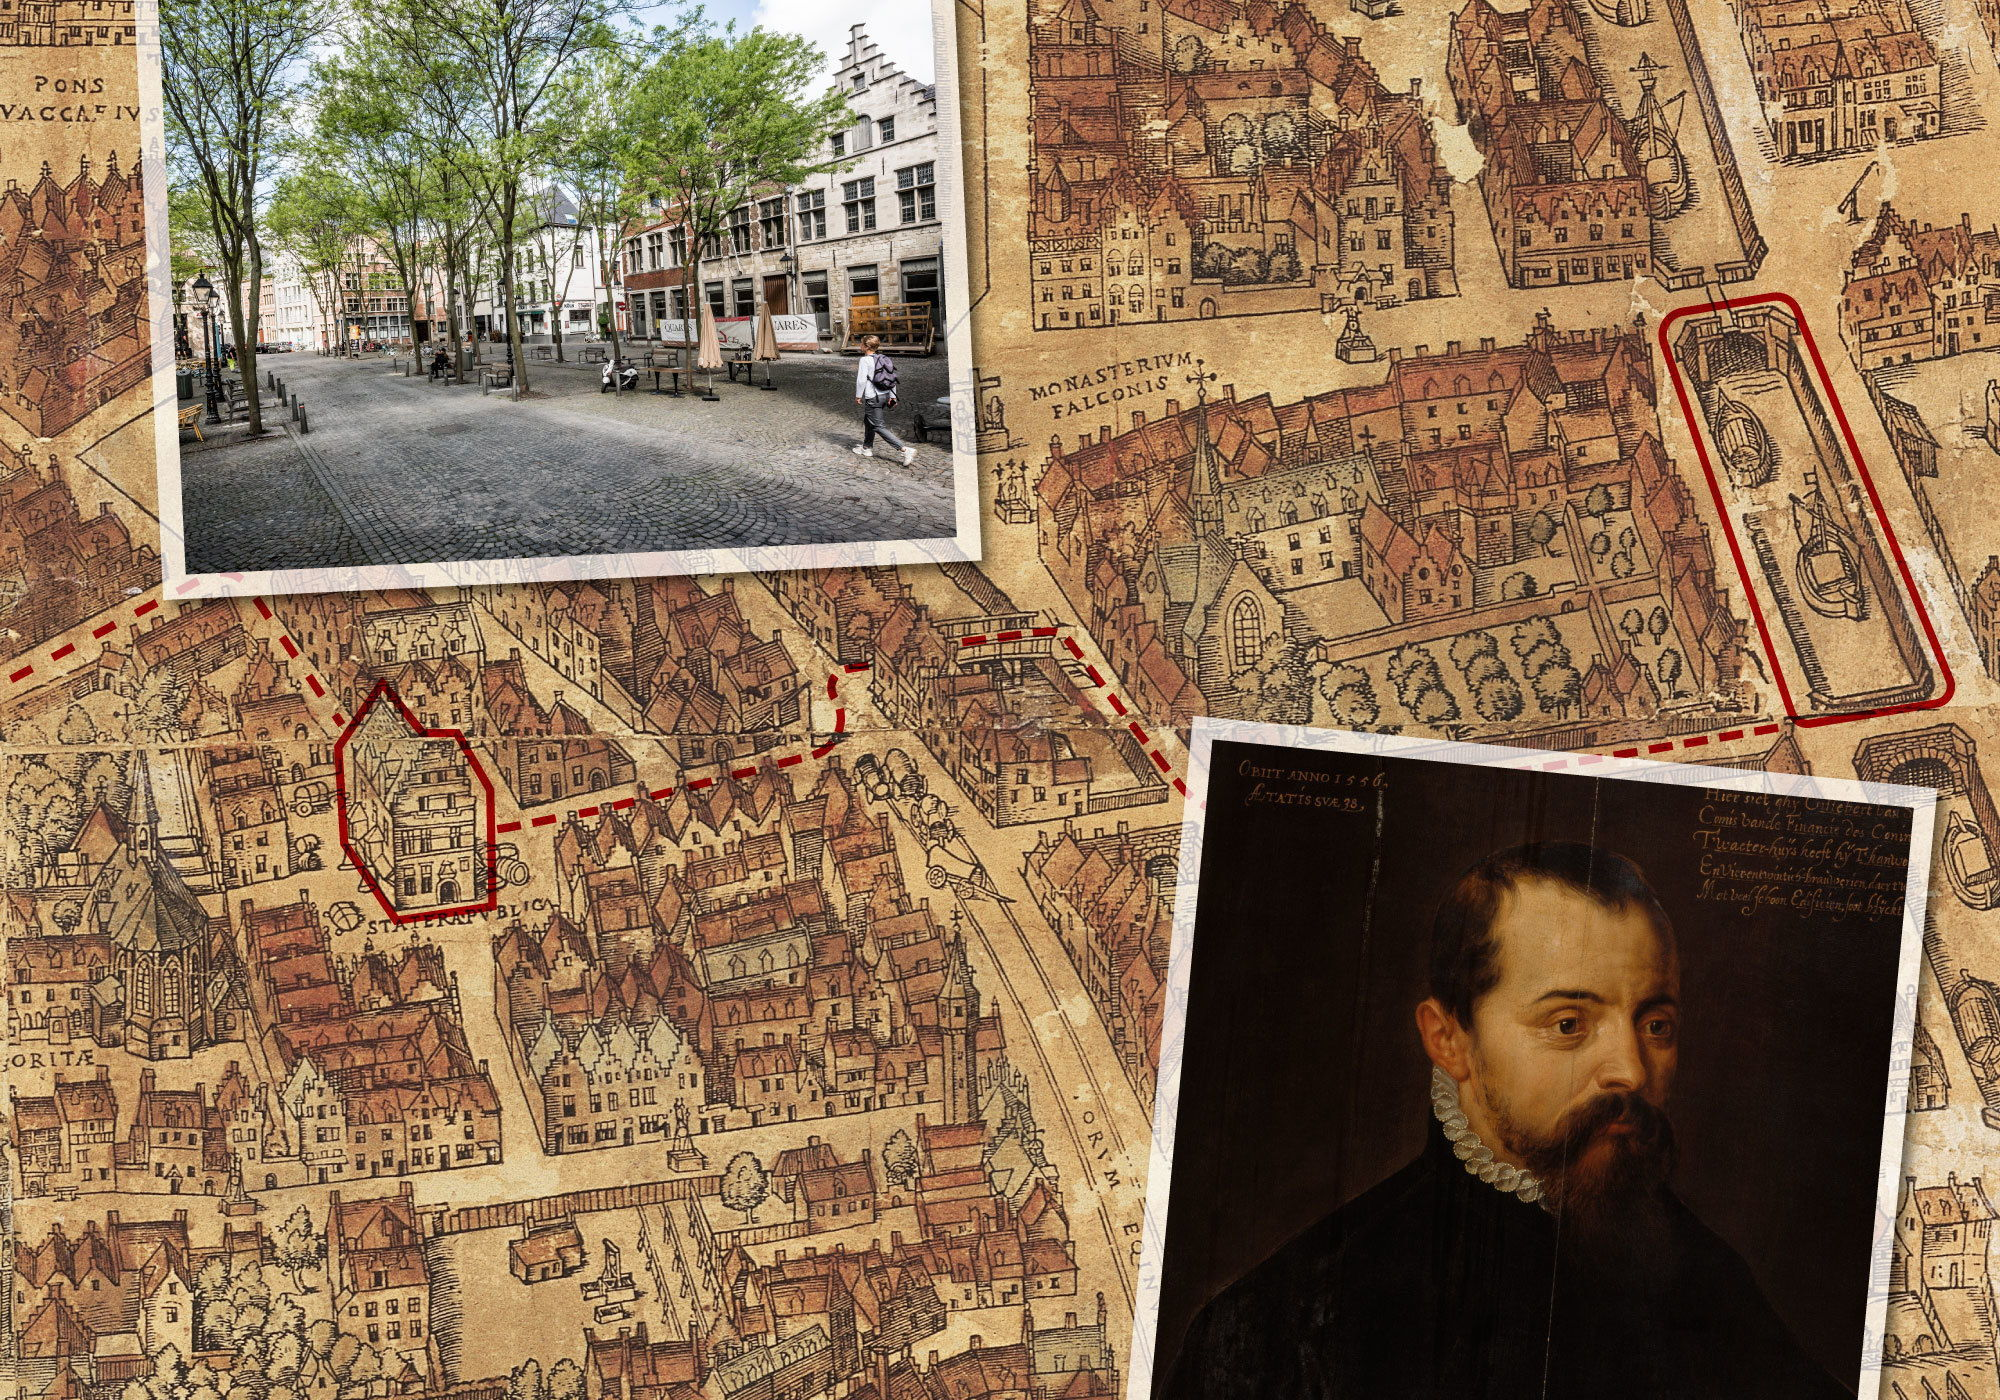 Volg de route van Gilbert van Schoonbeke door het Antwerpen van de gouden eeuw.